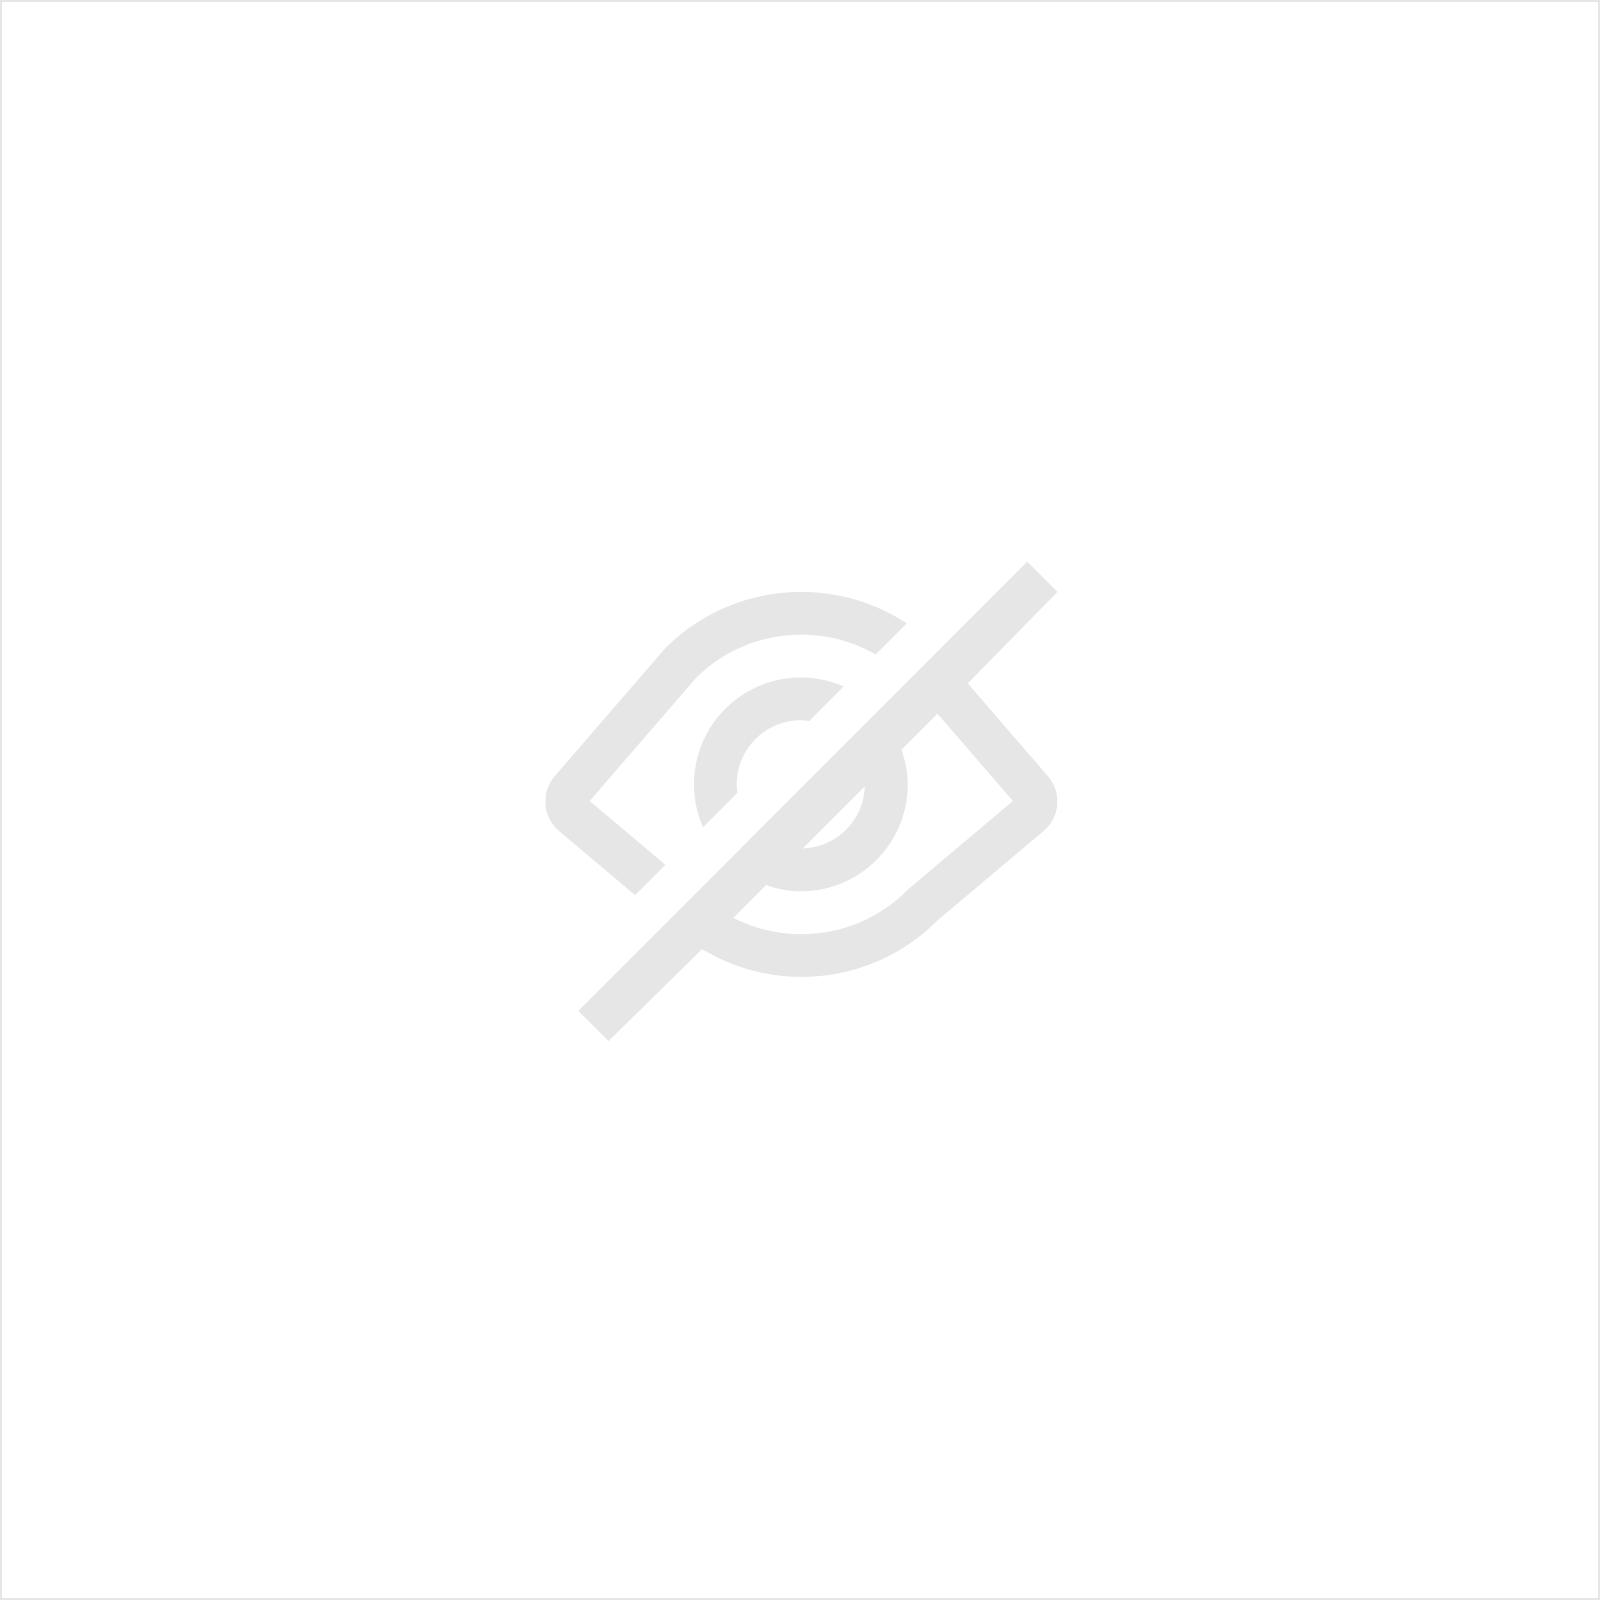 AUTOSOL ALUMINIUM HUILE PROTECTRICE 400 ML